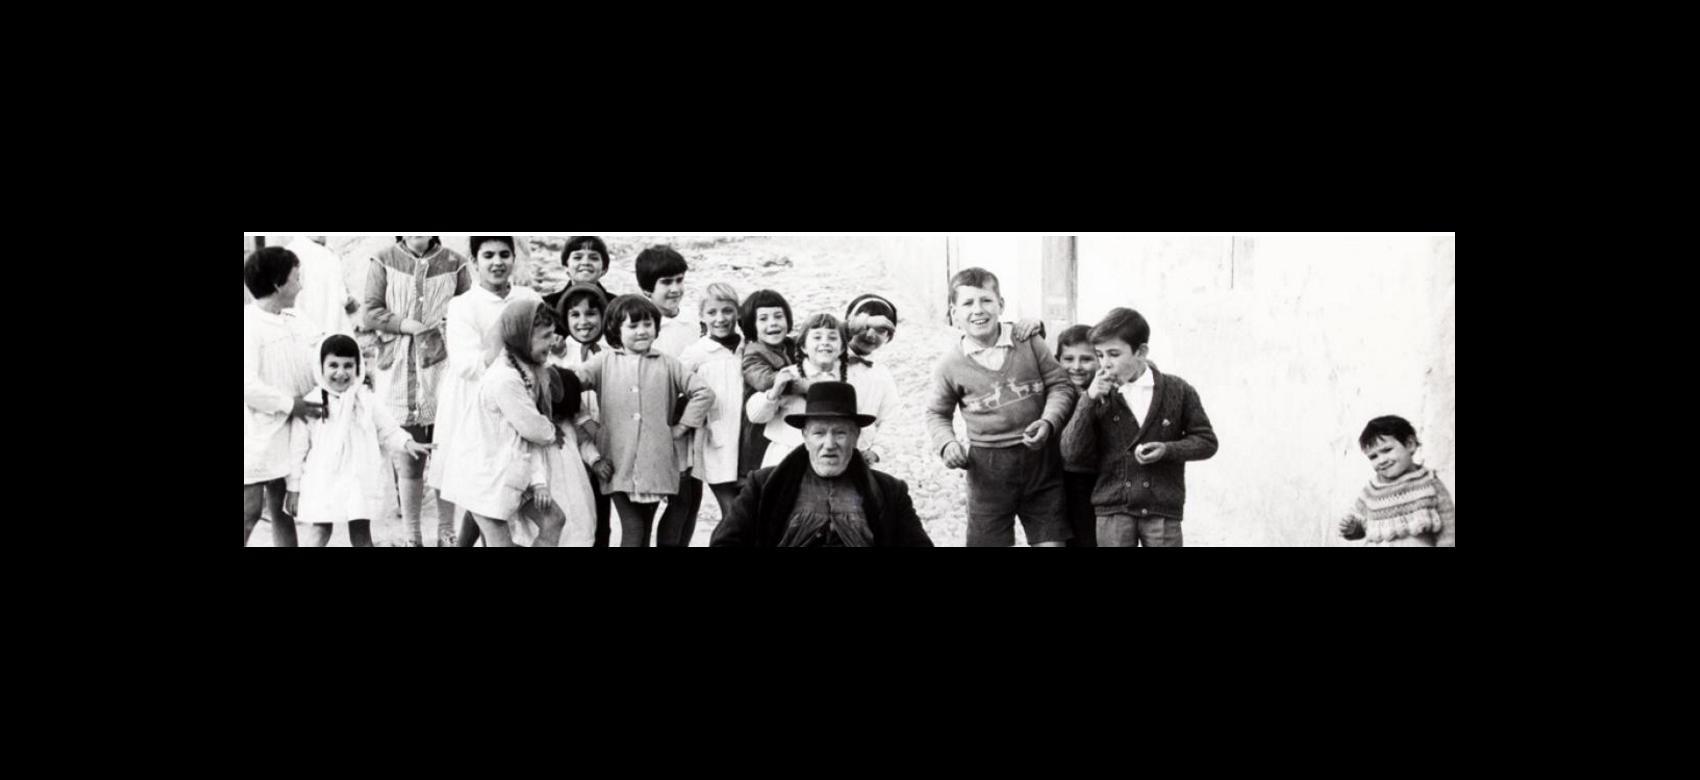 Fotografía de grupo de niños en blanco y negro